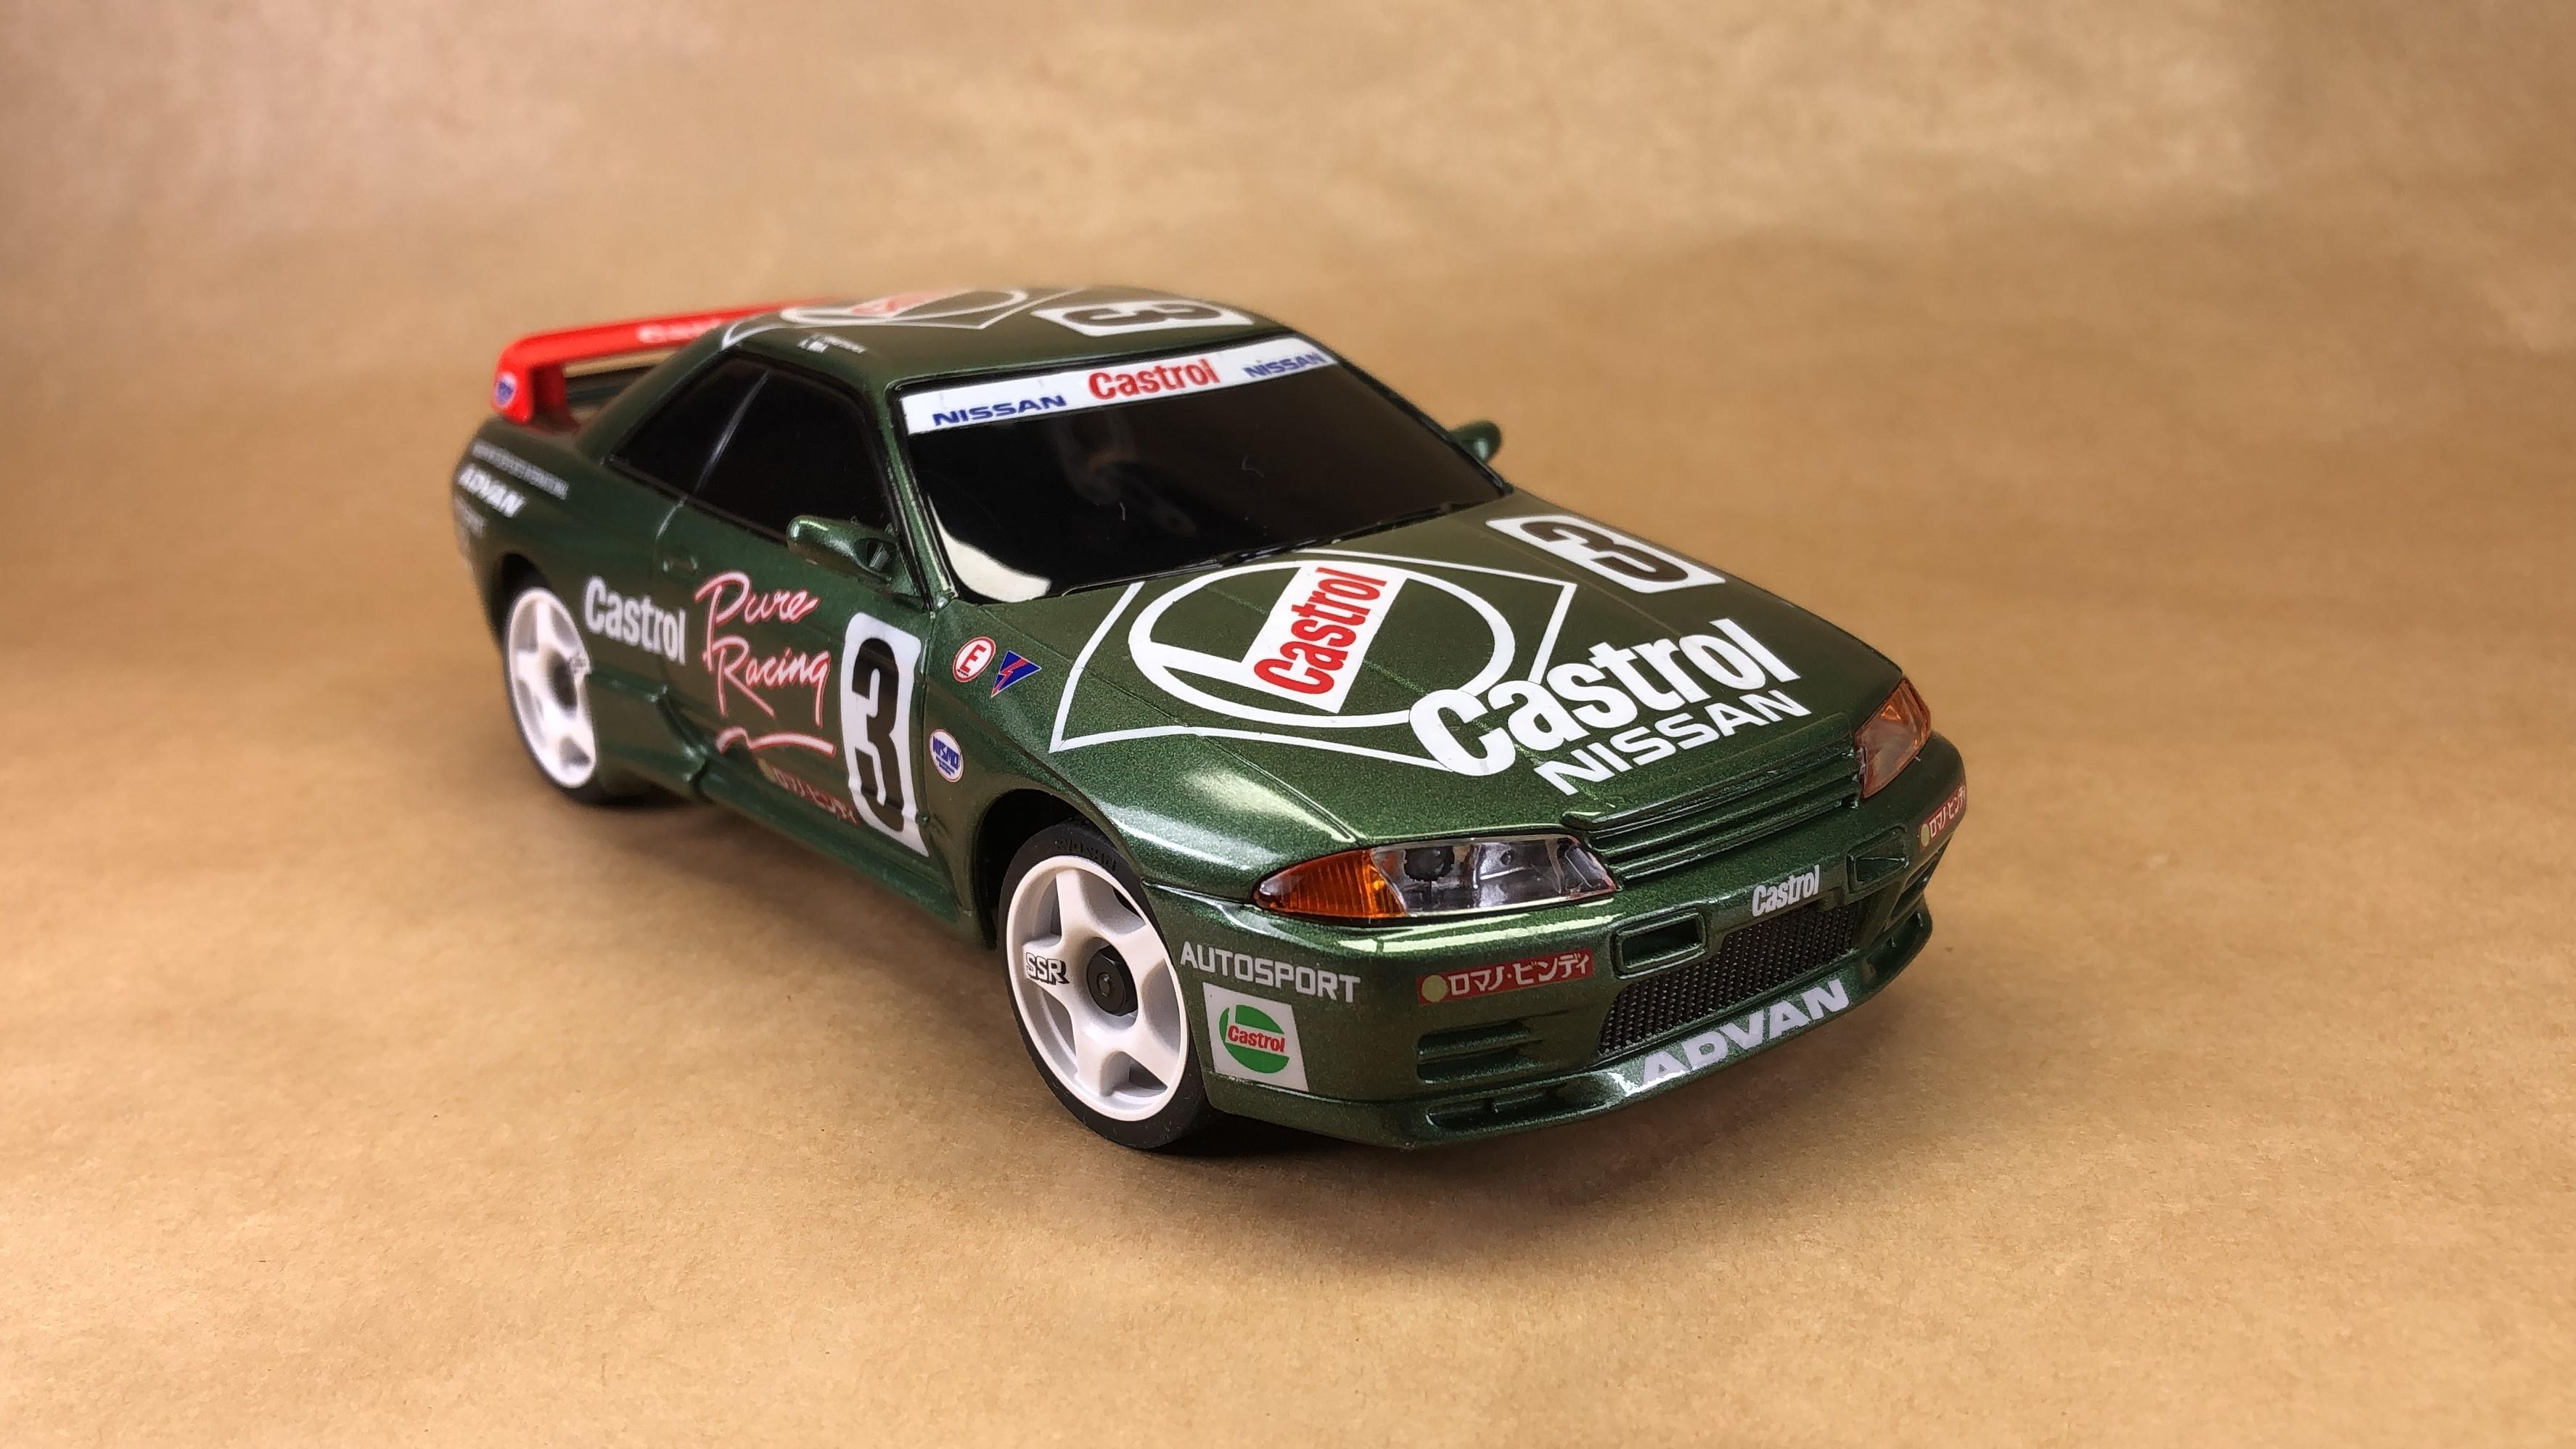 Nissan R32 #3 Castrol JTCC Img-1632385235-447